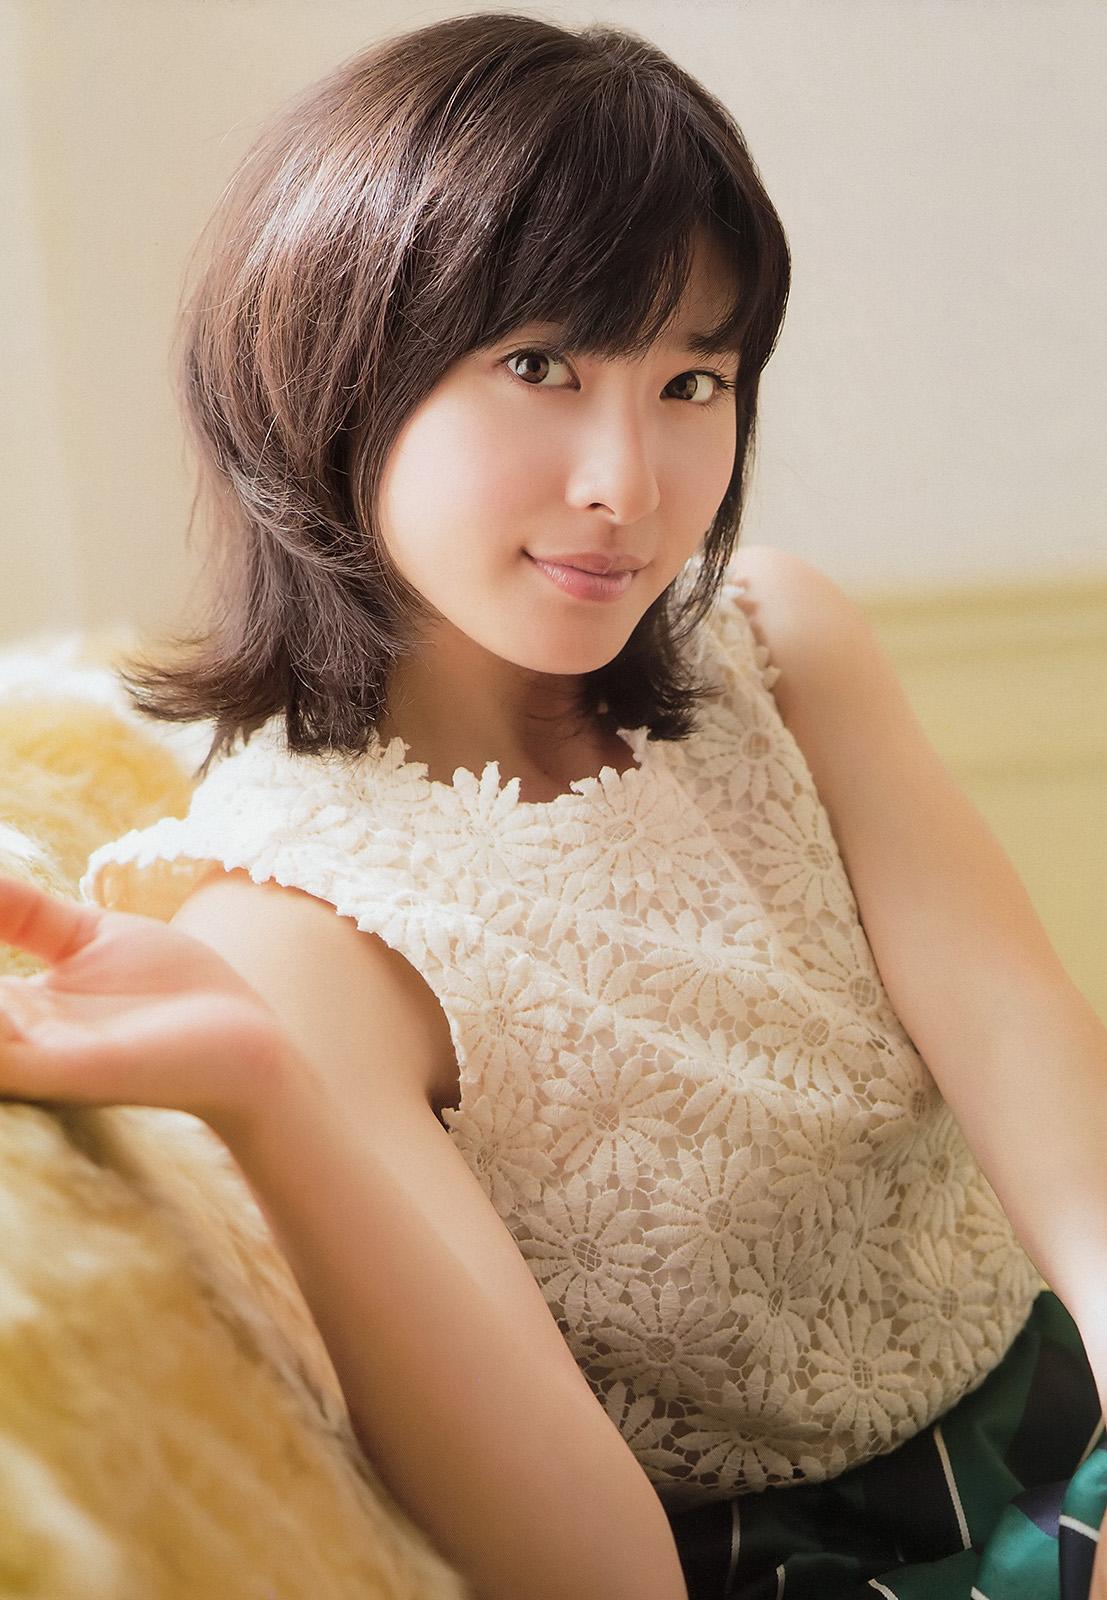 土屋太鳳 アイコラ 出典 blog-imgs-72.fc2.com